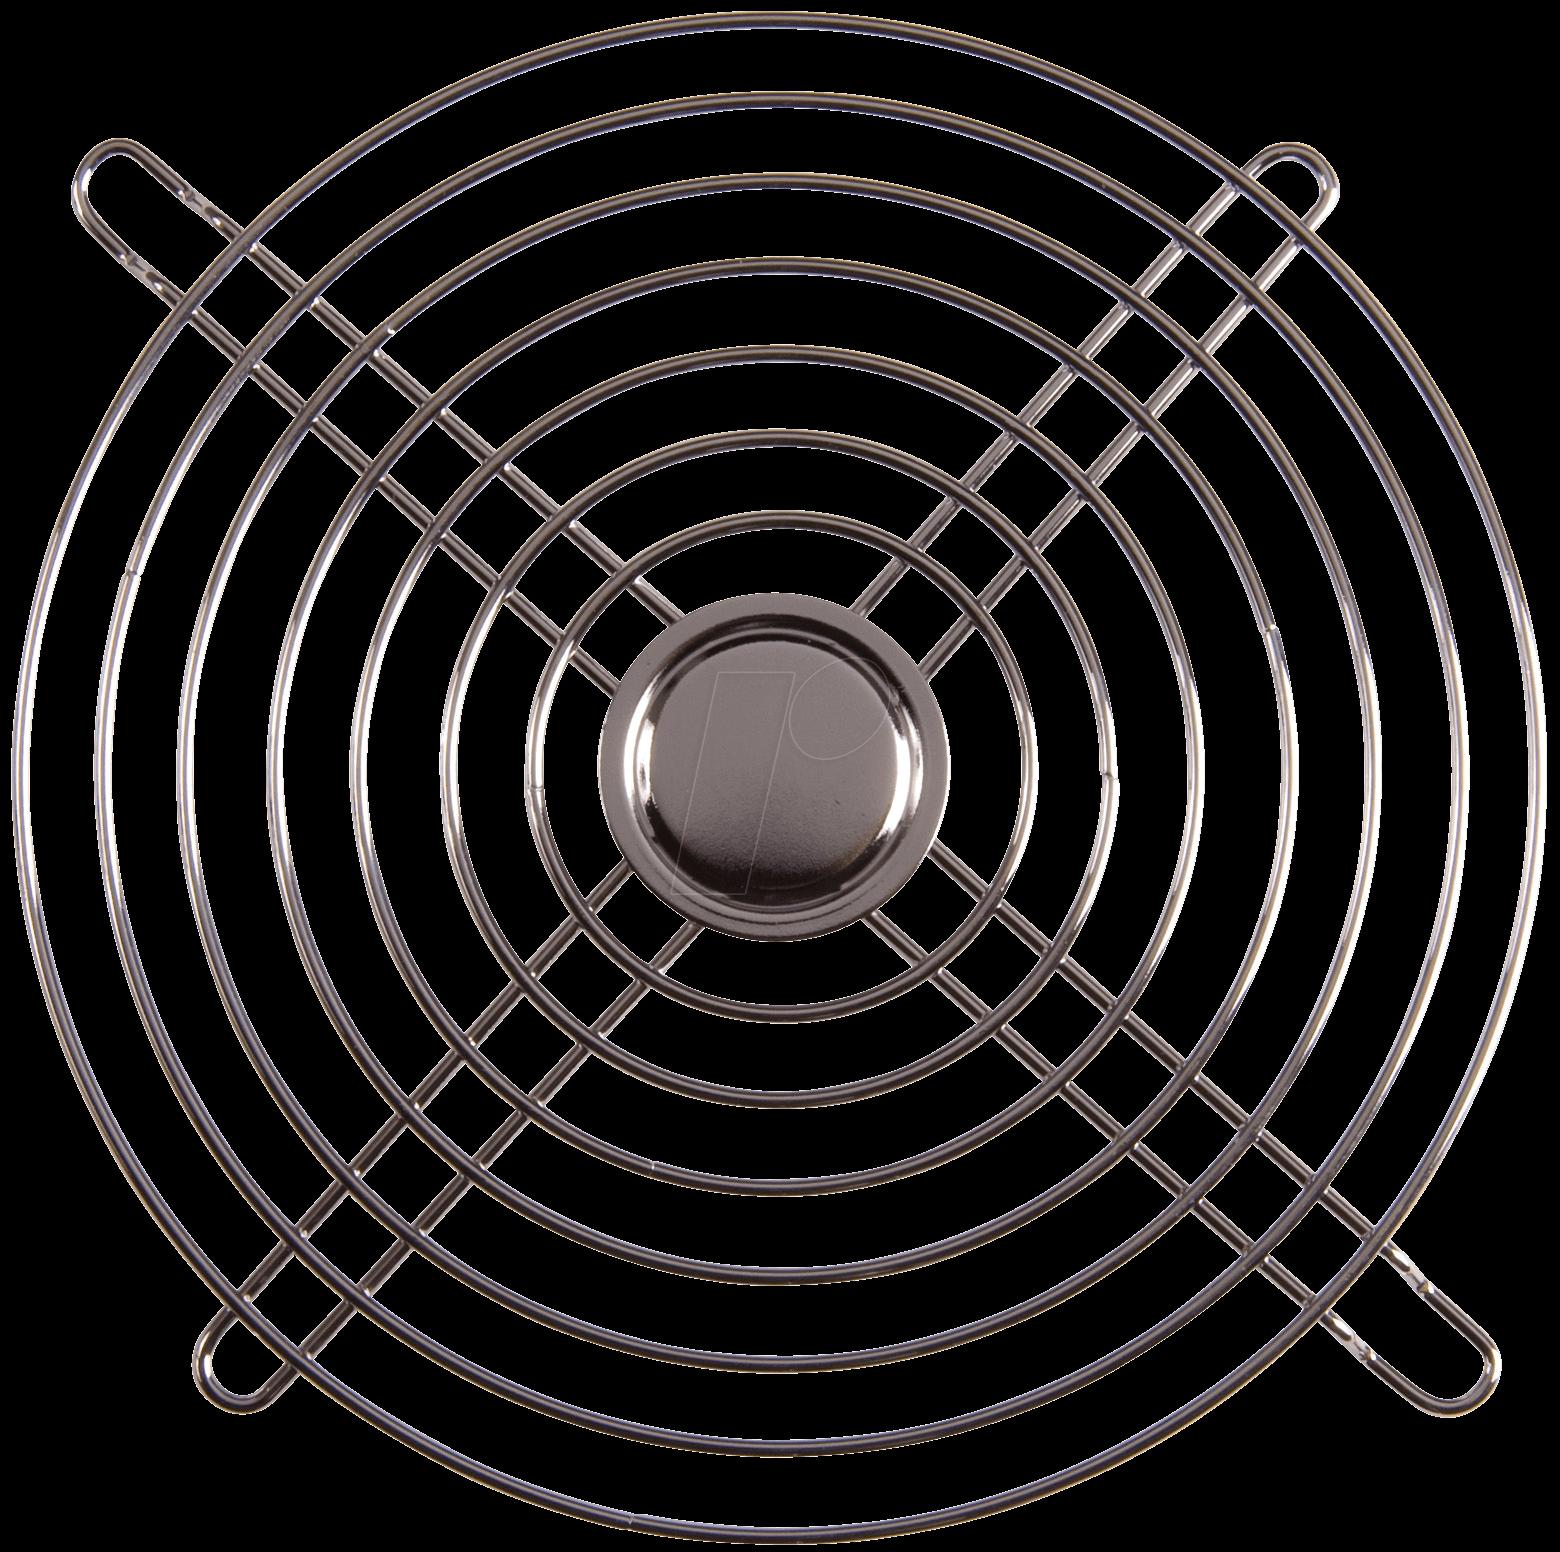 GITTER A2175: Fan grill Ø 172 x 151 mm, oval at reichelt elektronik